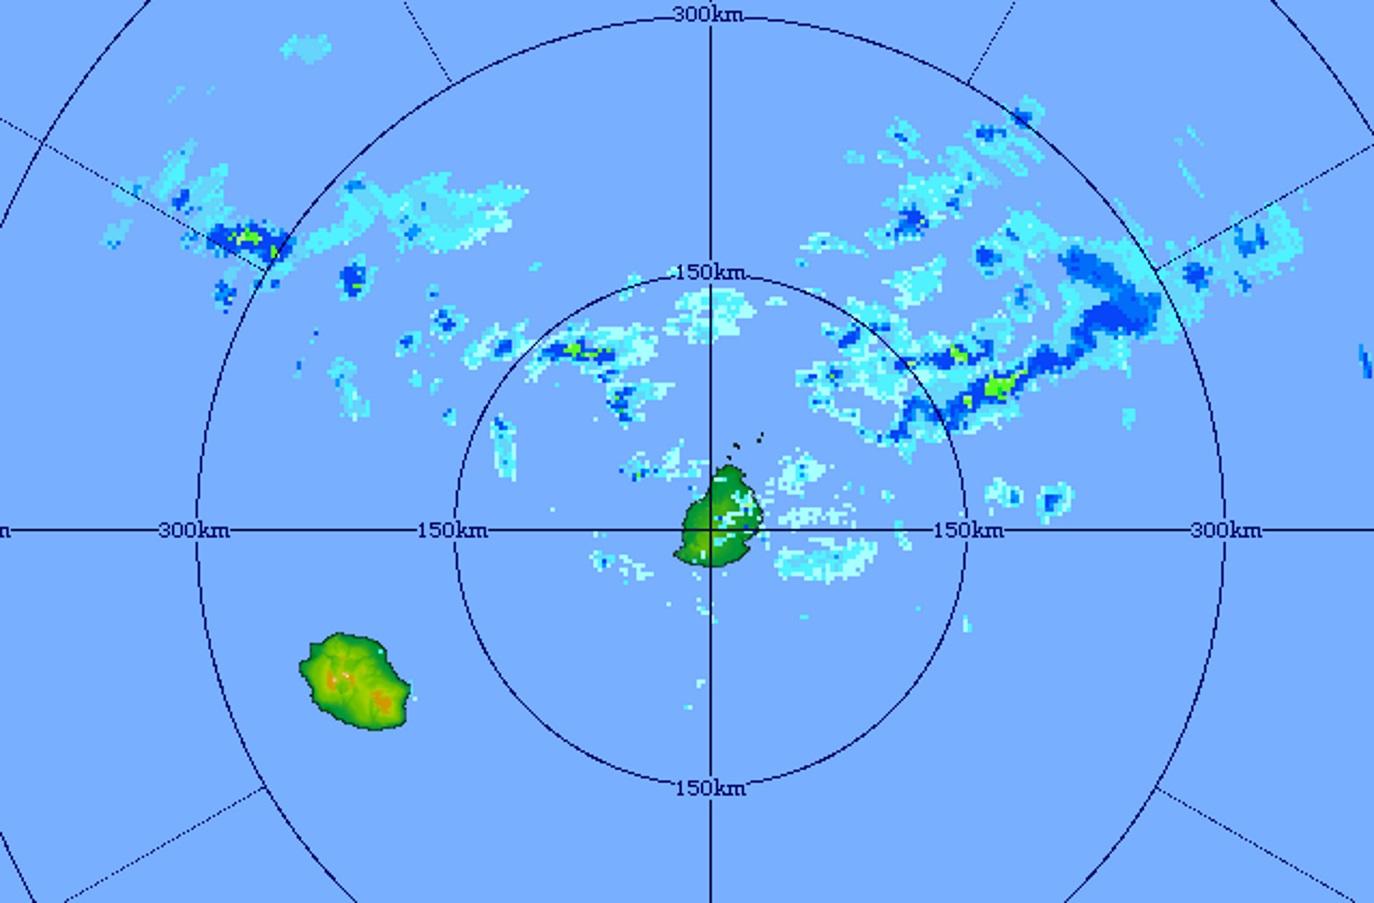 23h01: image du radar de Trou Aux Cerfs centrée sur les Iles Soeurs. Des nuages plus actifs s'approchent de MAURICE par l'est nord-est.